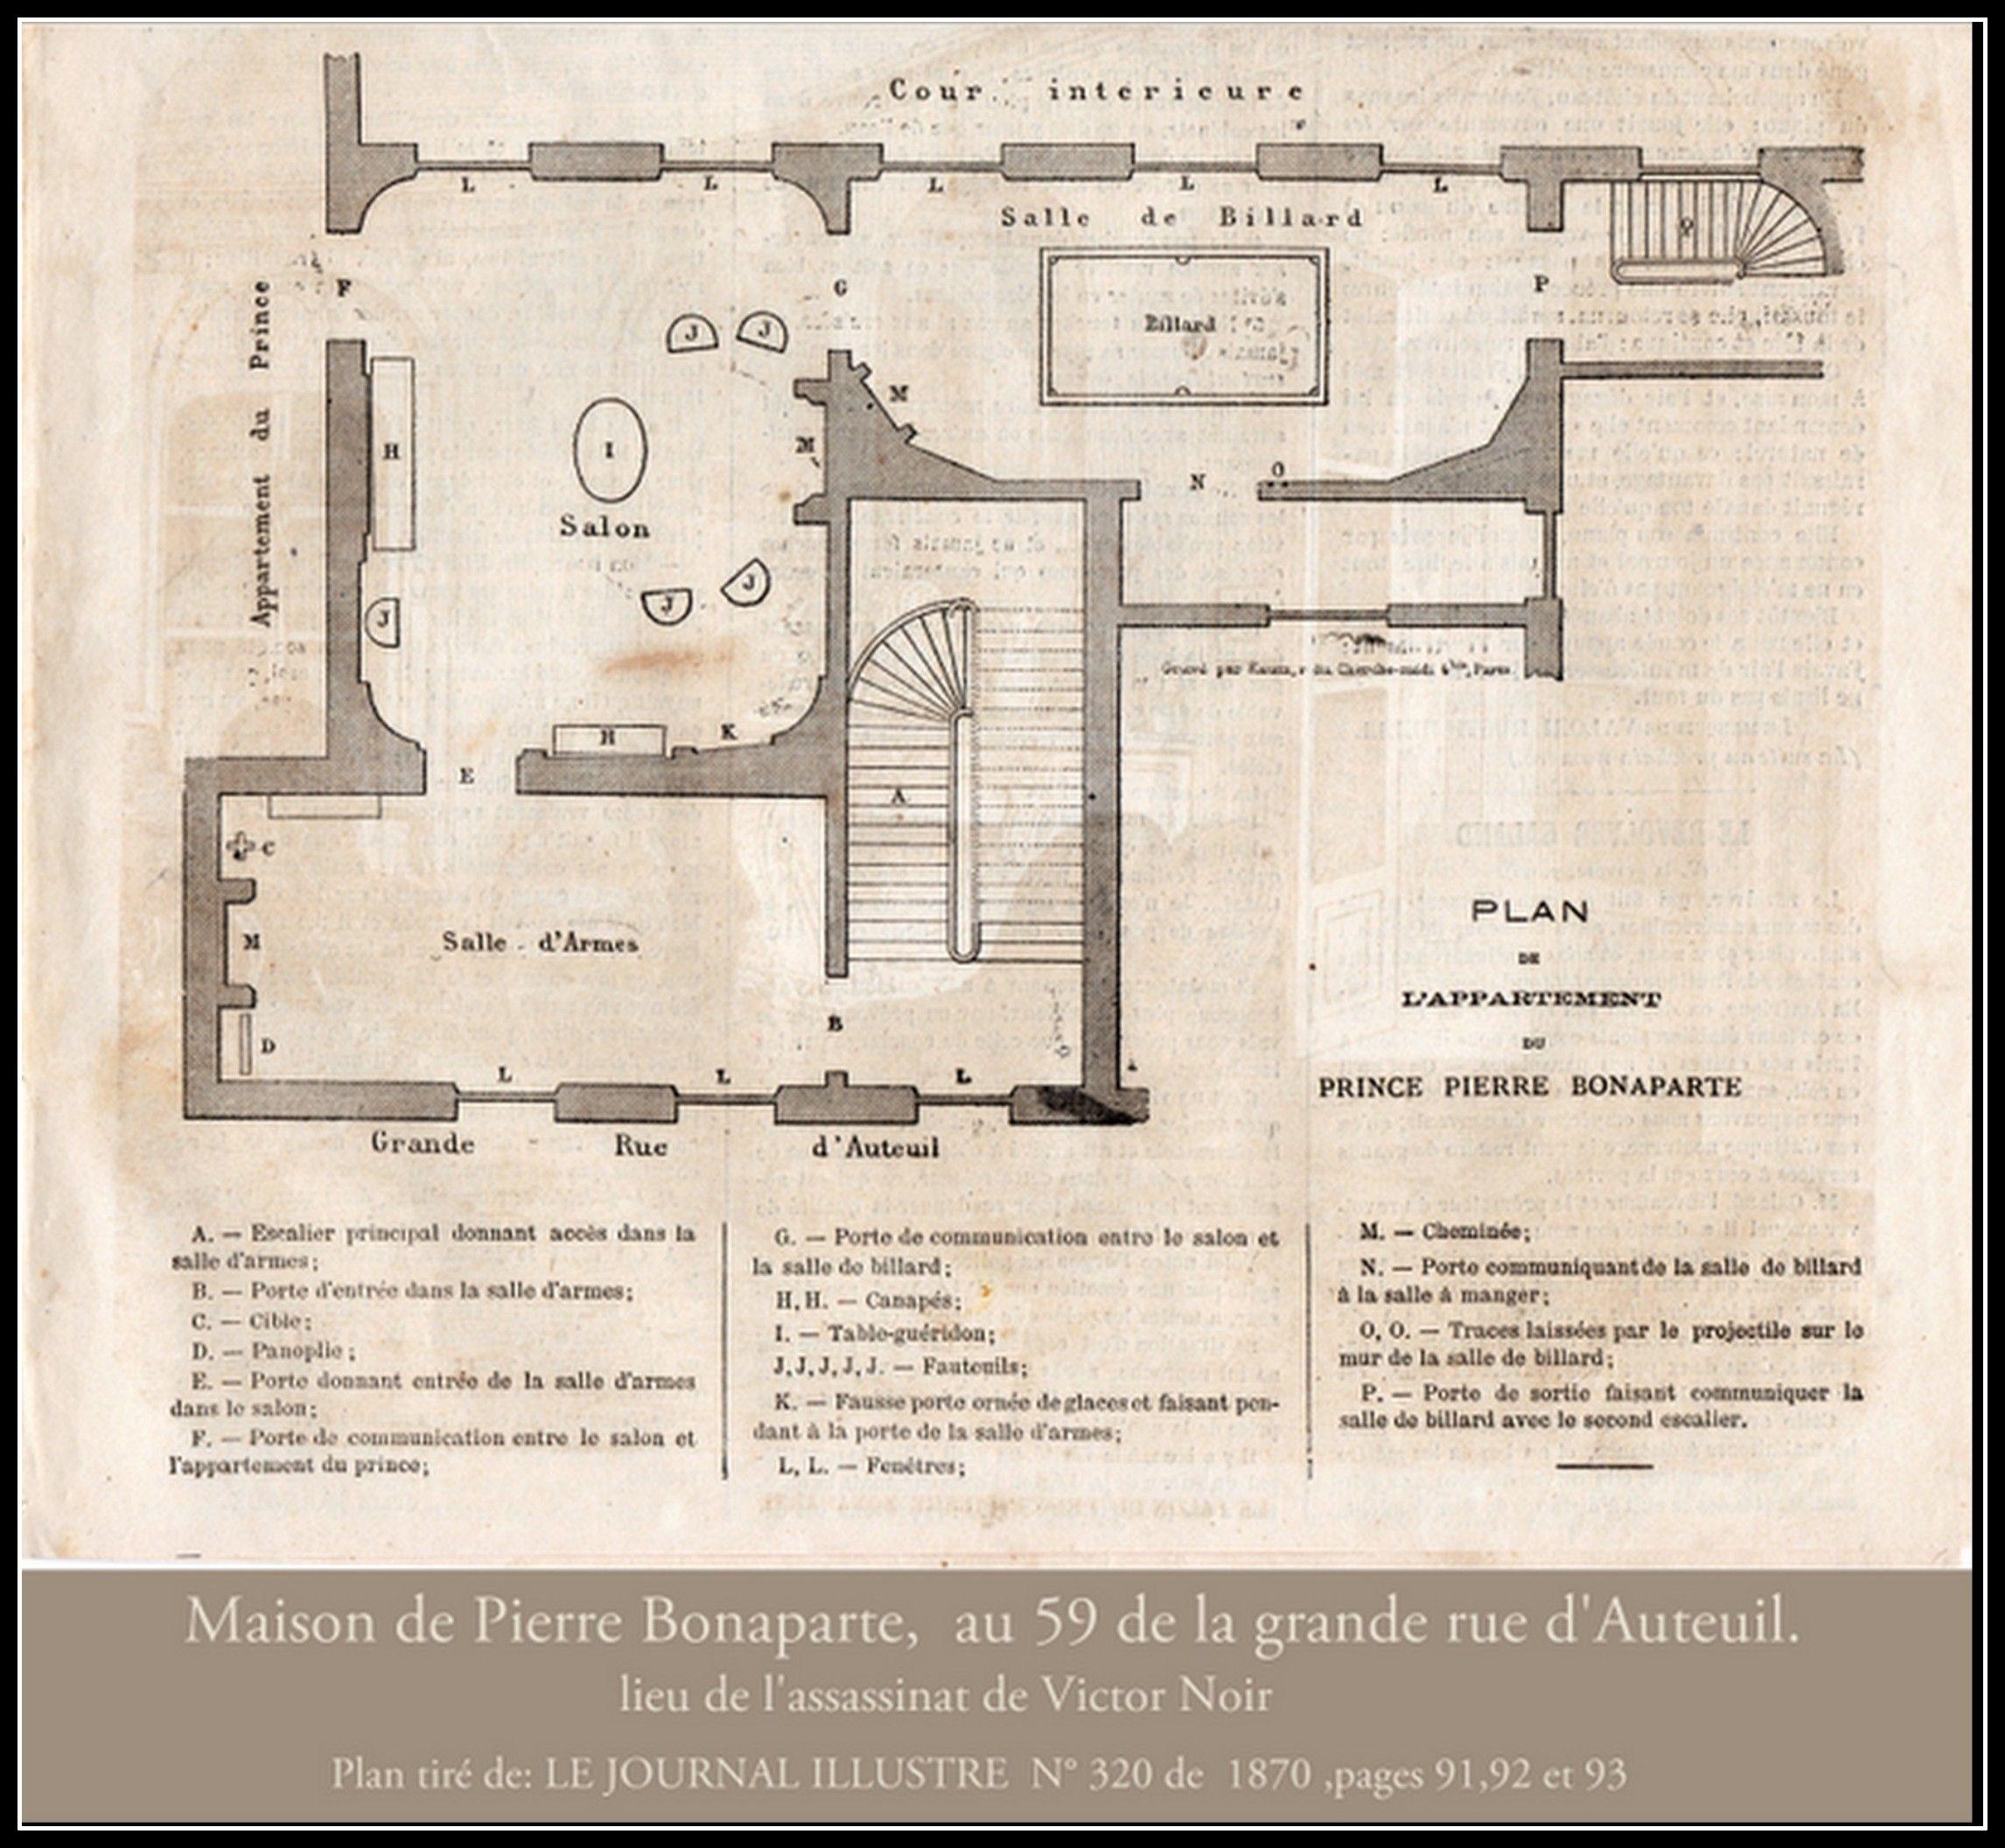 Plan de la maison de pierre bonaparte à auteuil lieu de lassassinat de